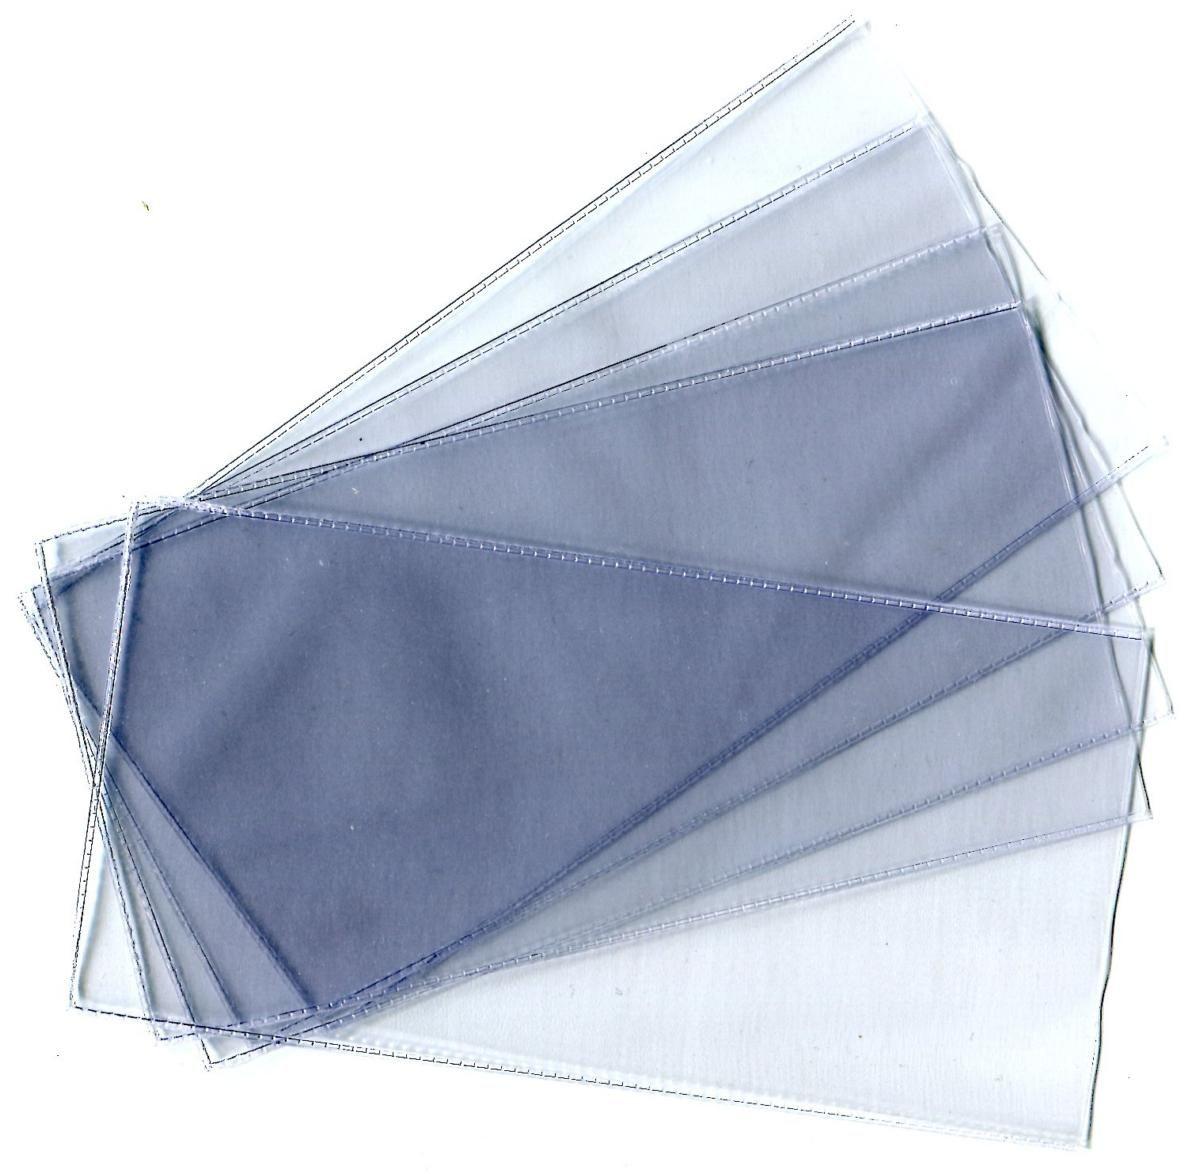 Комплект прозрачных пластиковых холдеров для банкнот. Формат 80 x 165 мм. Упаковка 10 штук. Производство Россия. Нет бренда